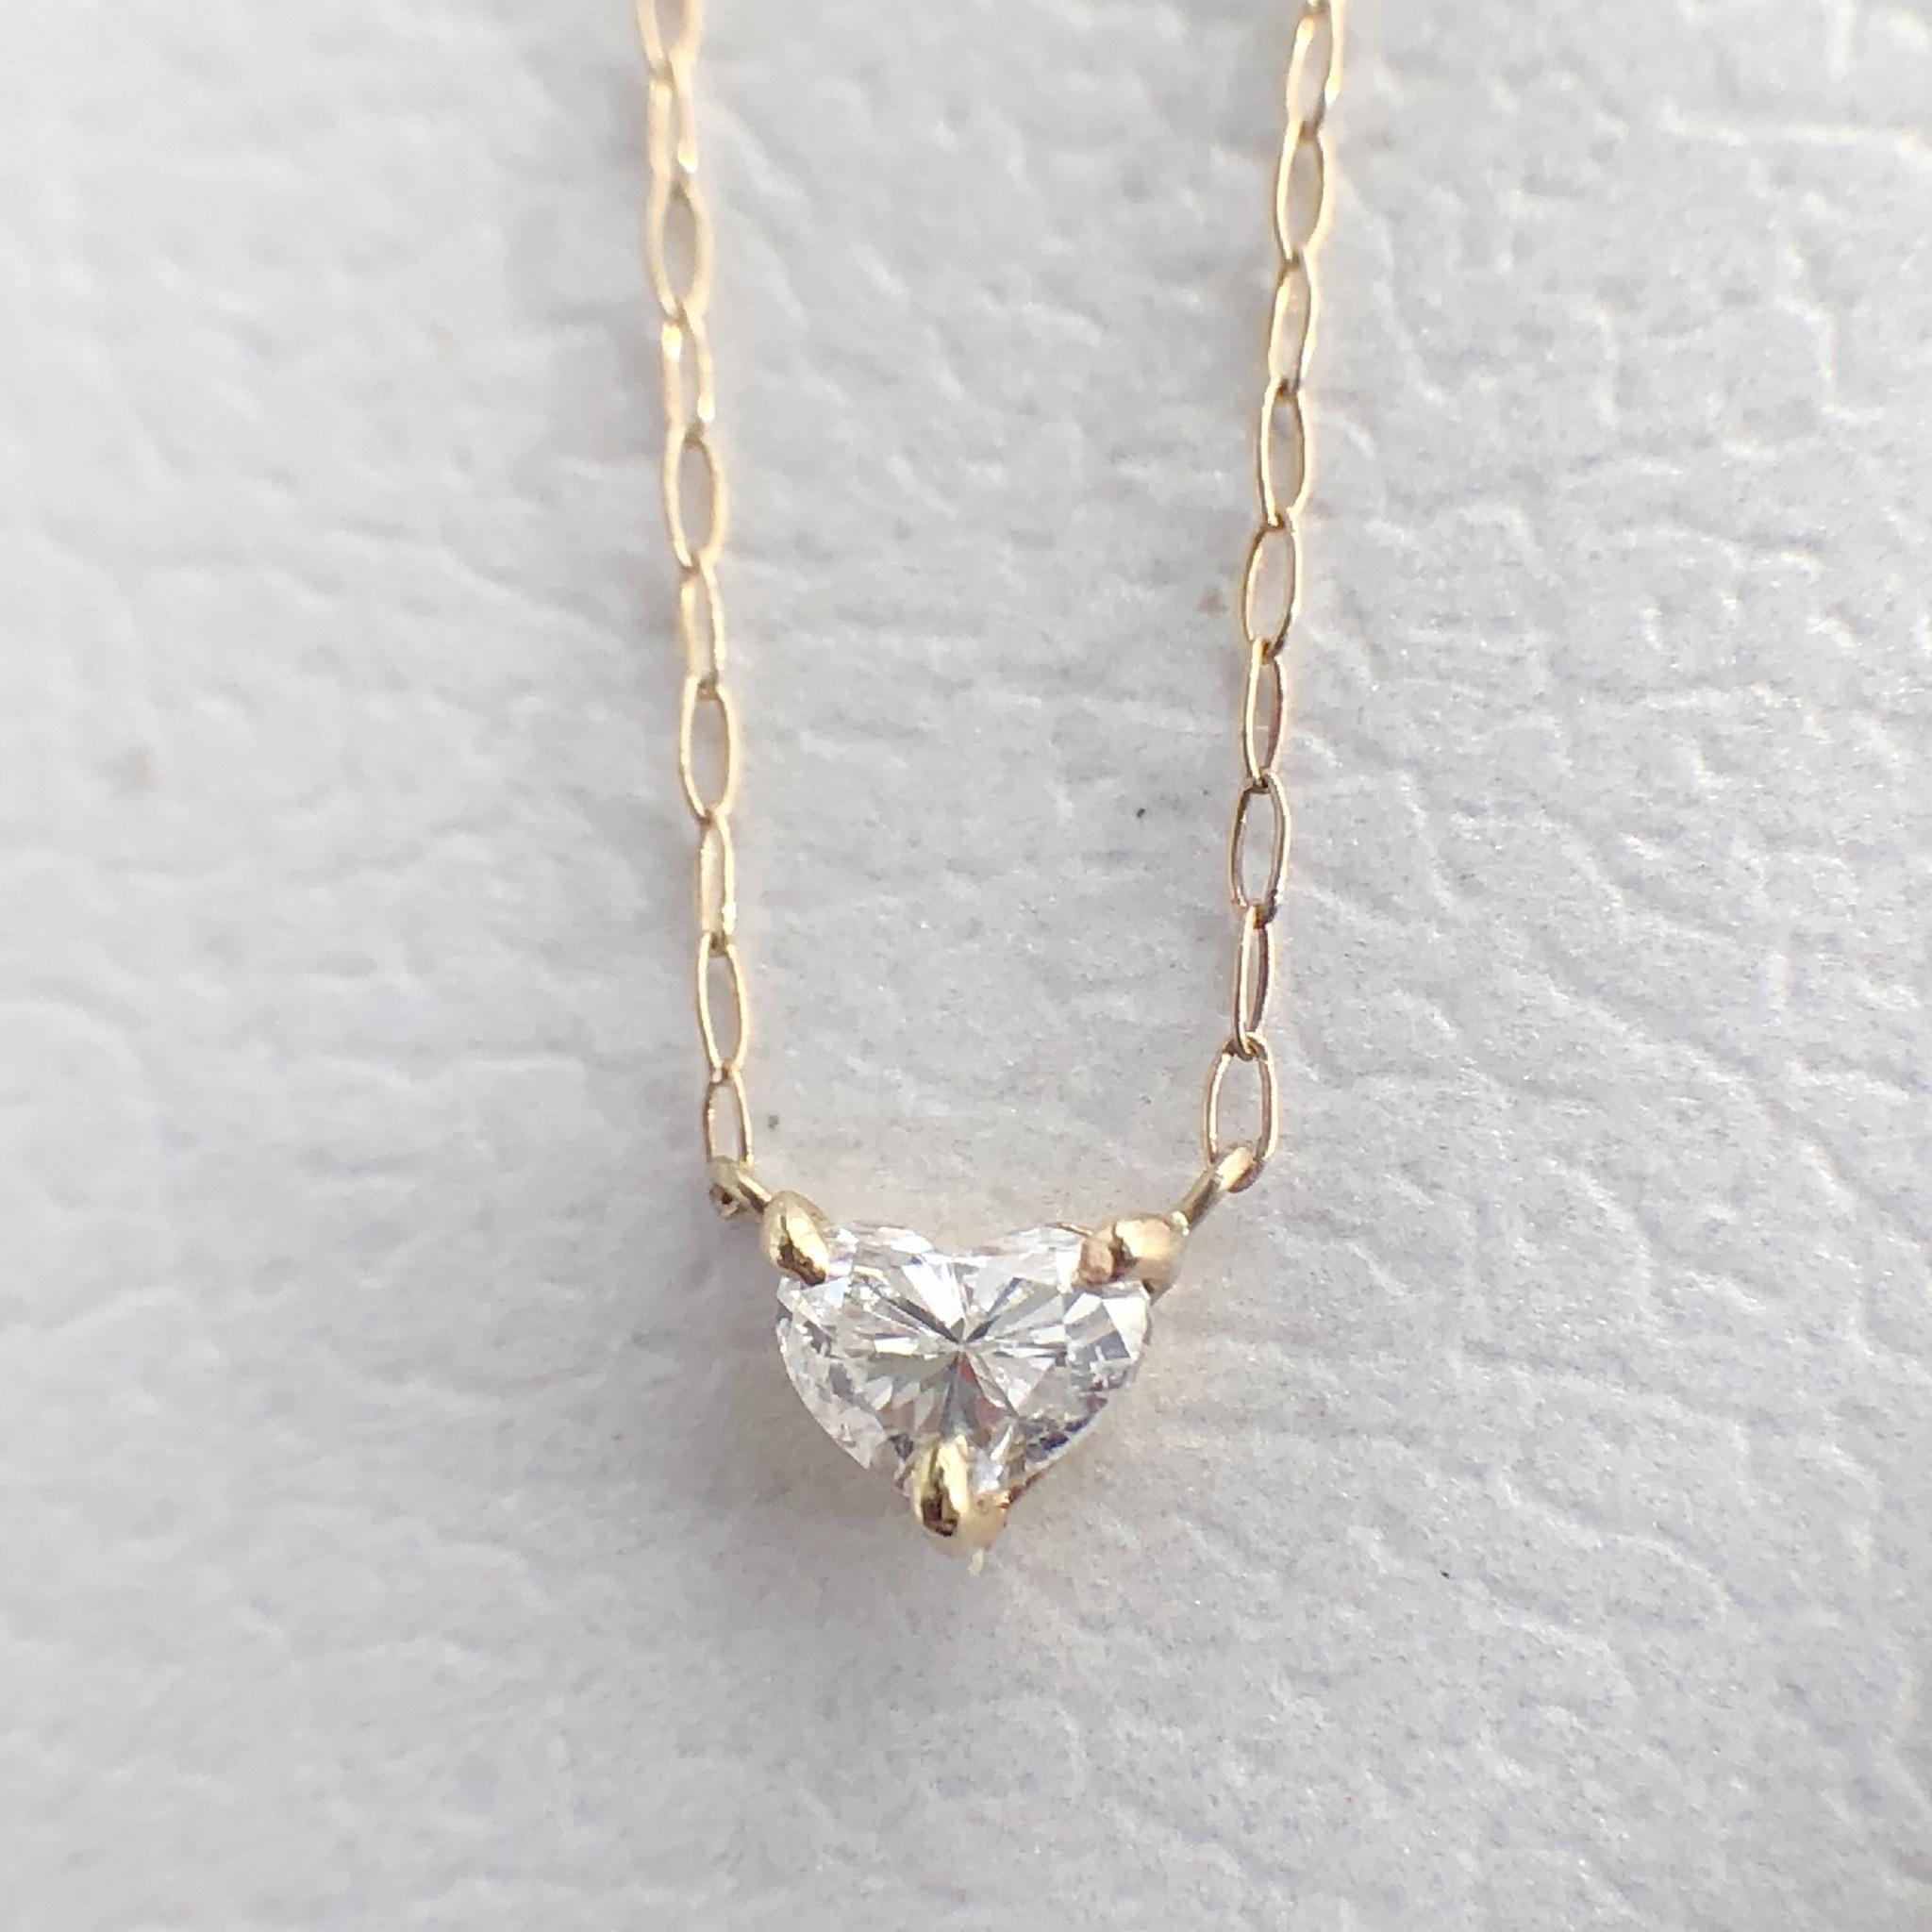 ハートシェイプカット ダイヤモンド ネックレス 0.16ct K10イエローゴールド  チェカ 鑑別書付